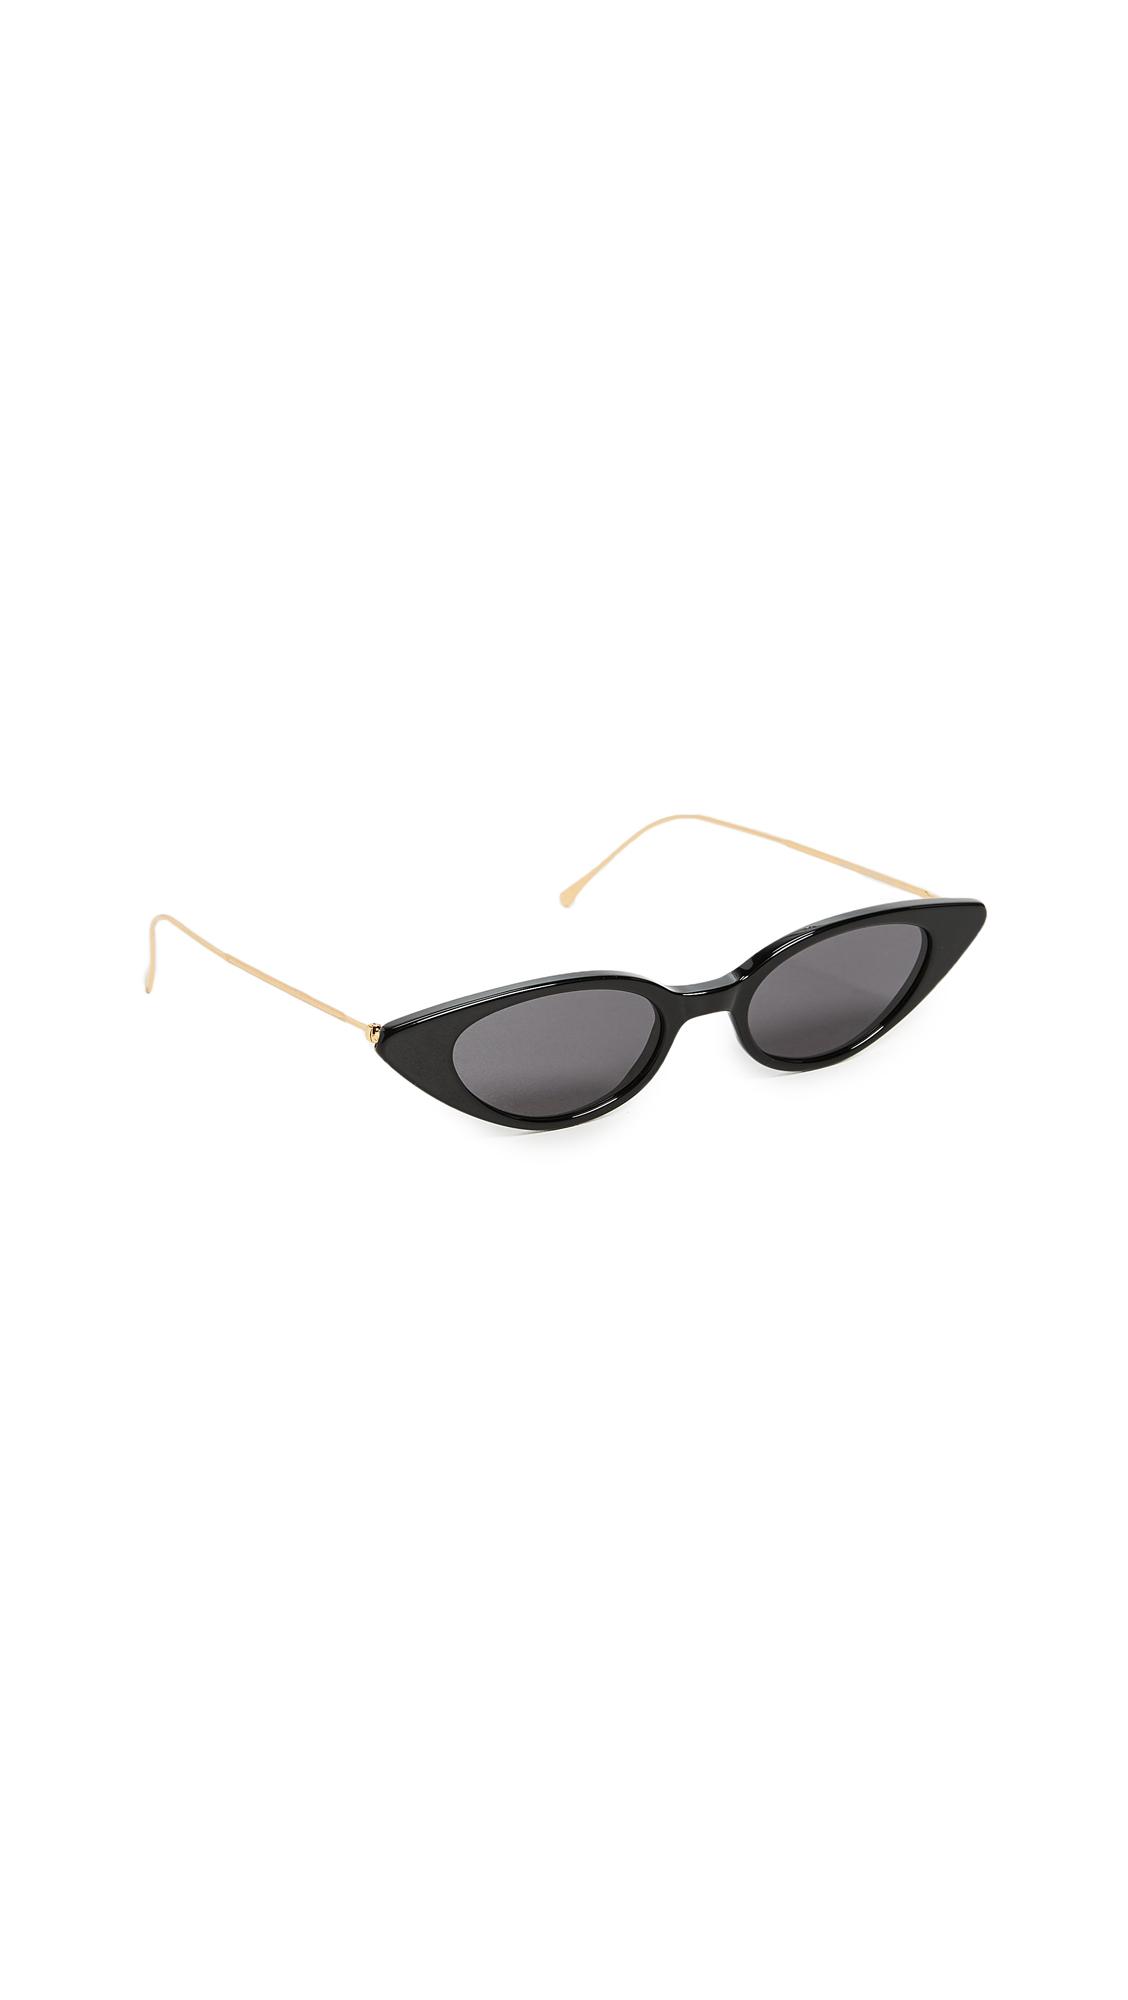 ILLESTEVA Marianne Sunglasses Black